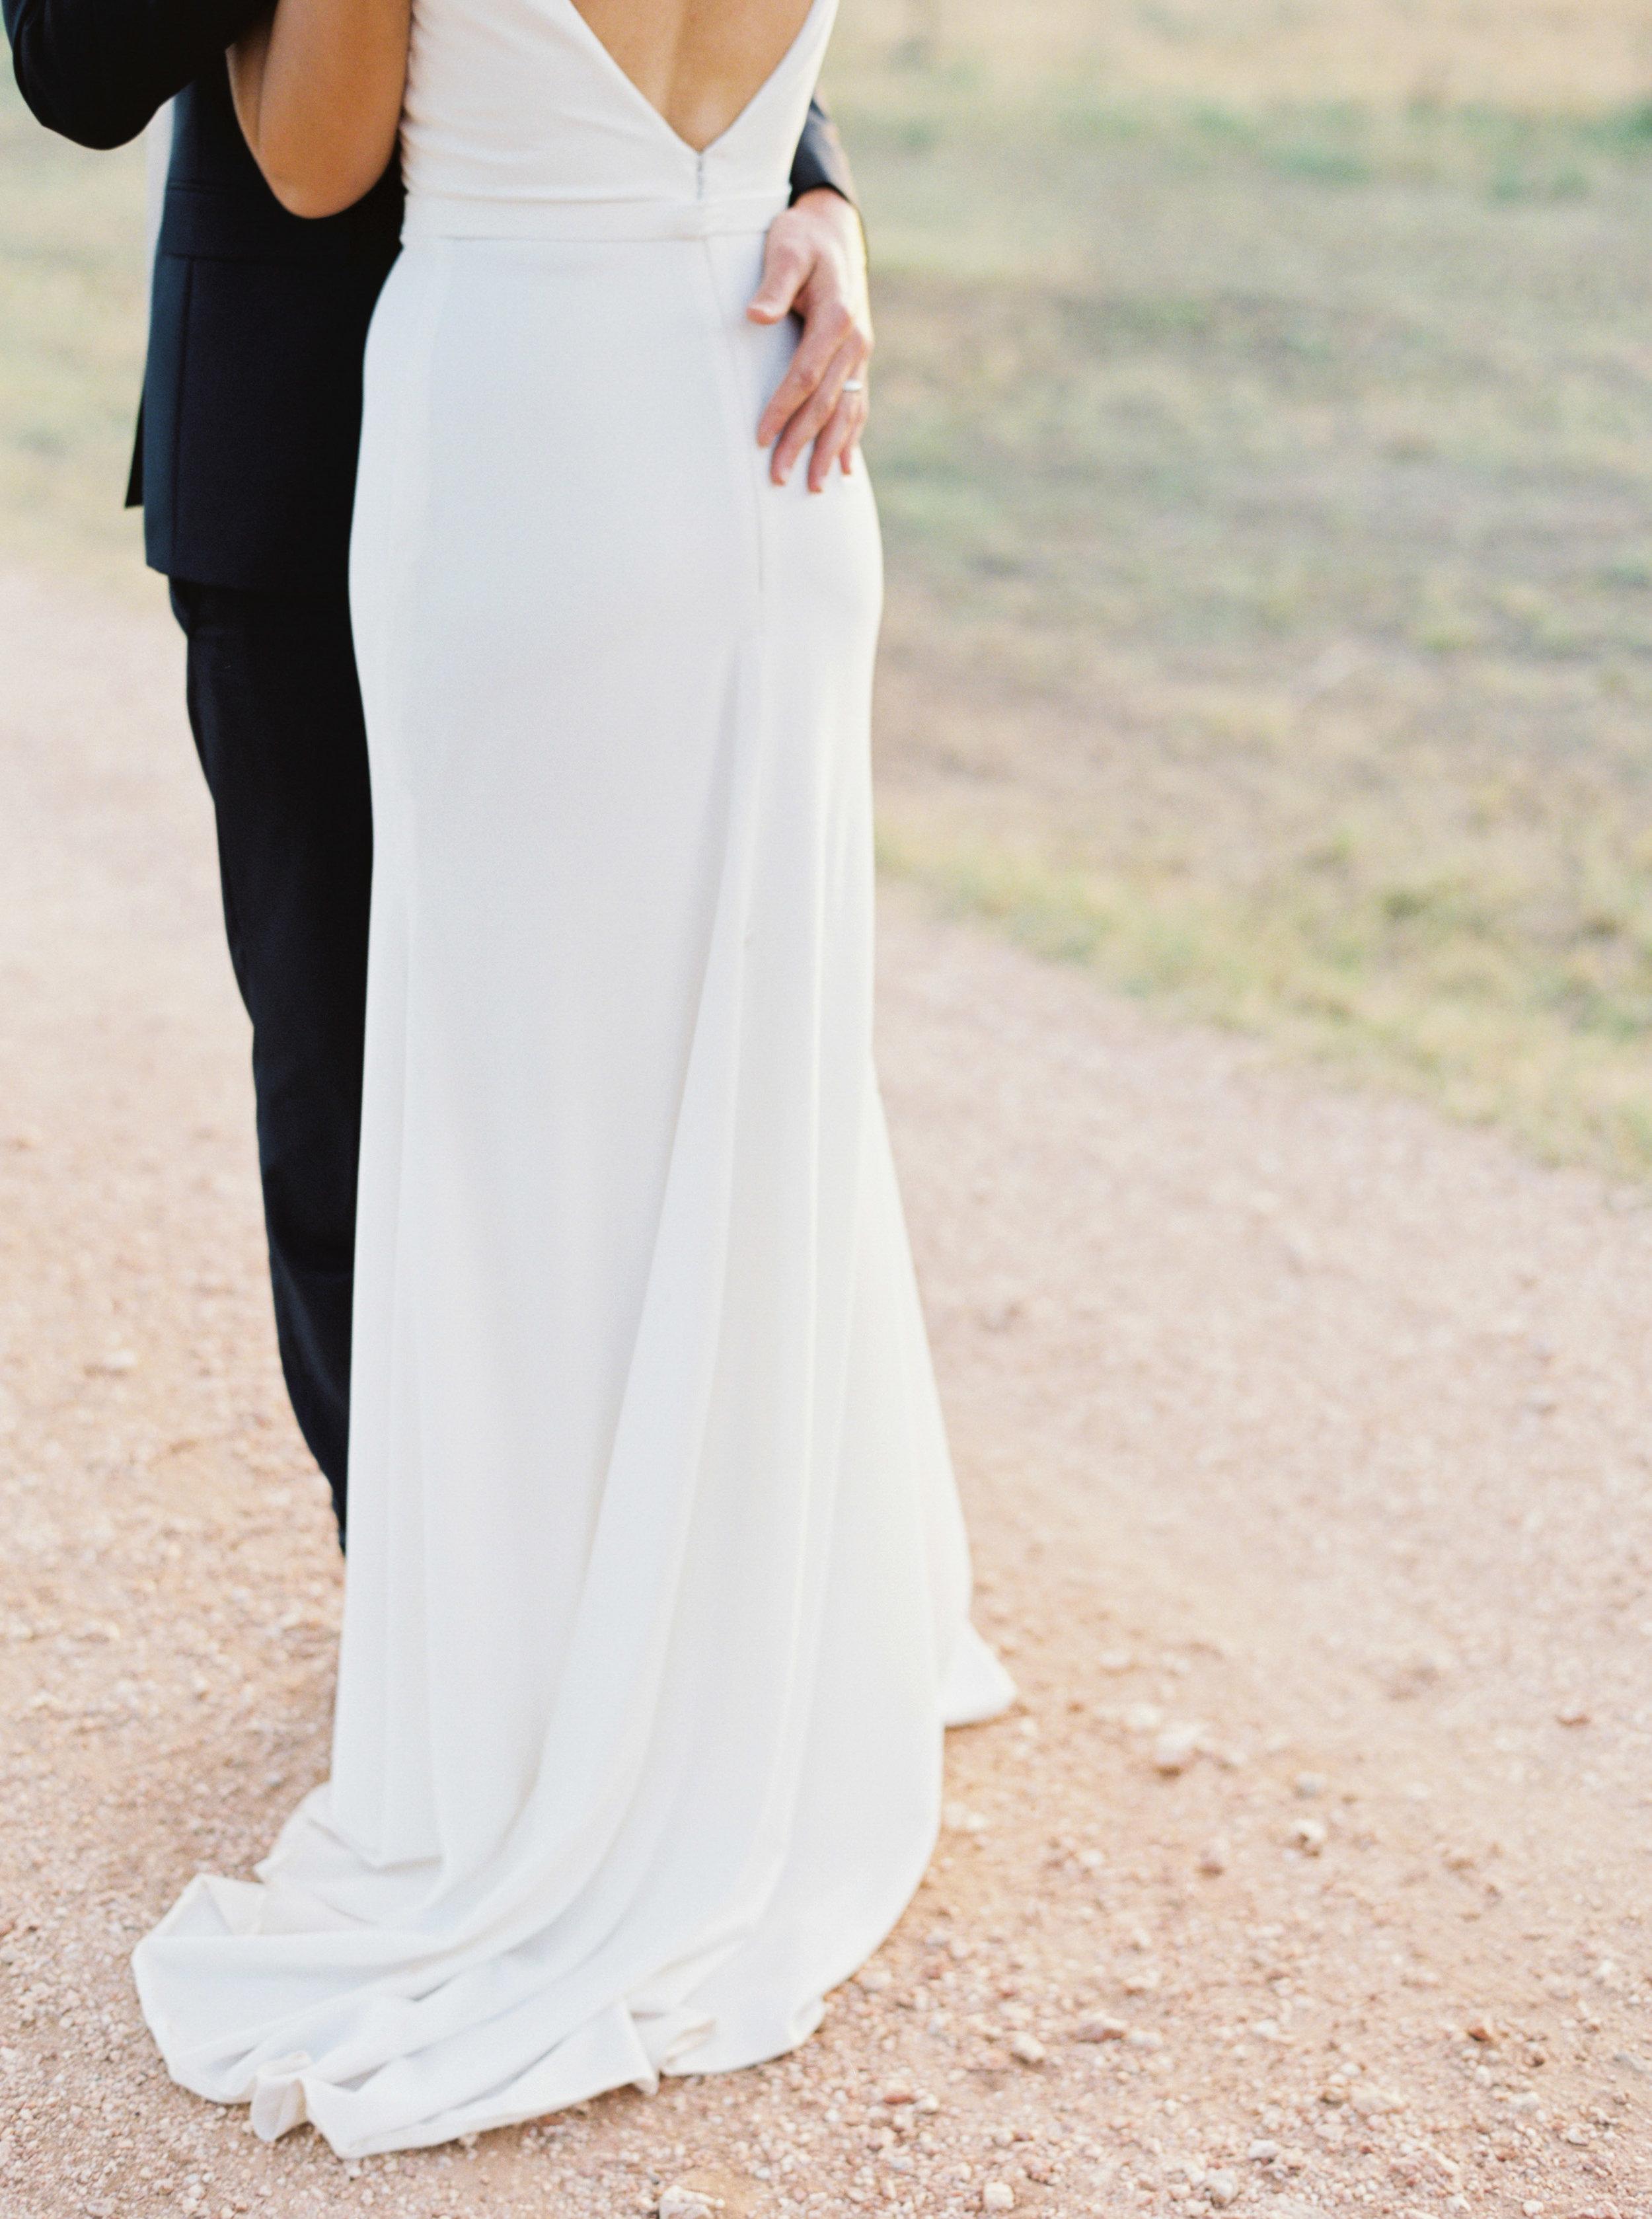 00058- Olive Tree Mediterranean Wedding in Mudgee NSW Australia Fine Art Film Wedding Lifestyle Photographer Sheri McMahon_.jpg